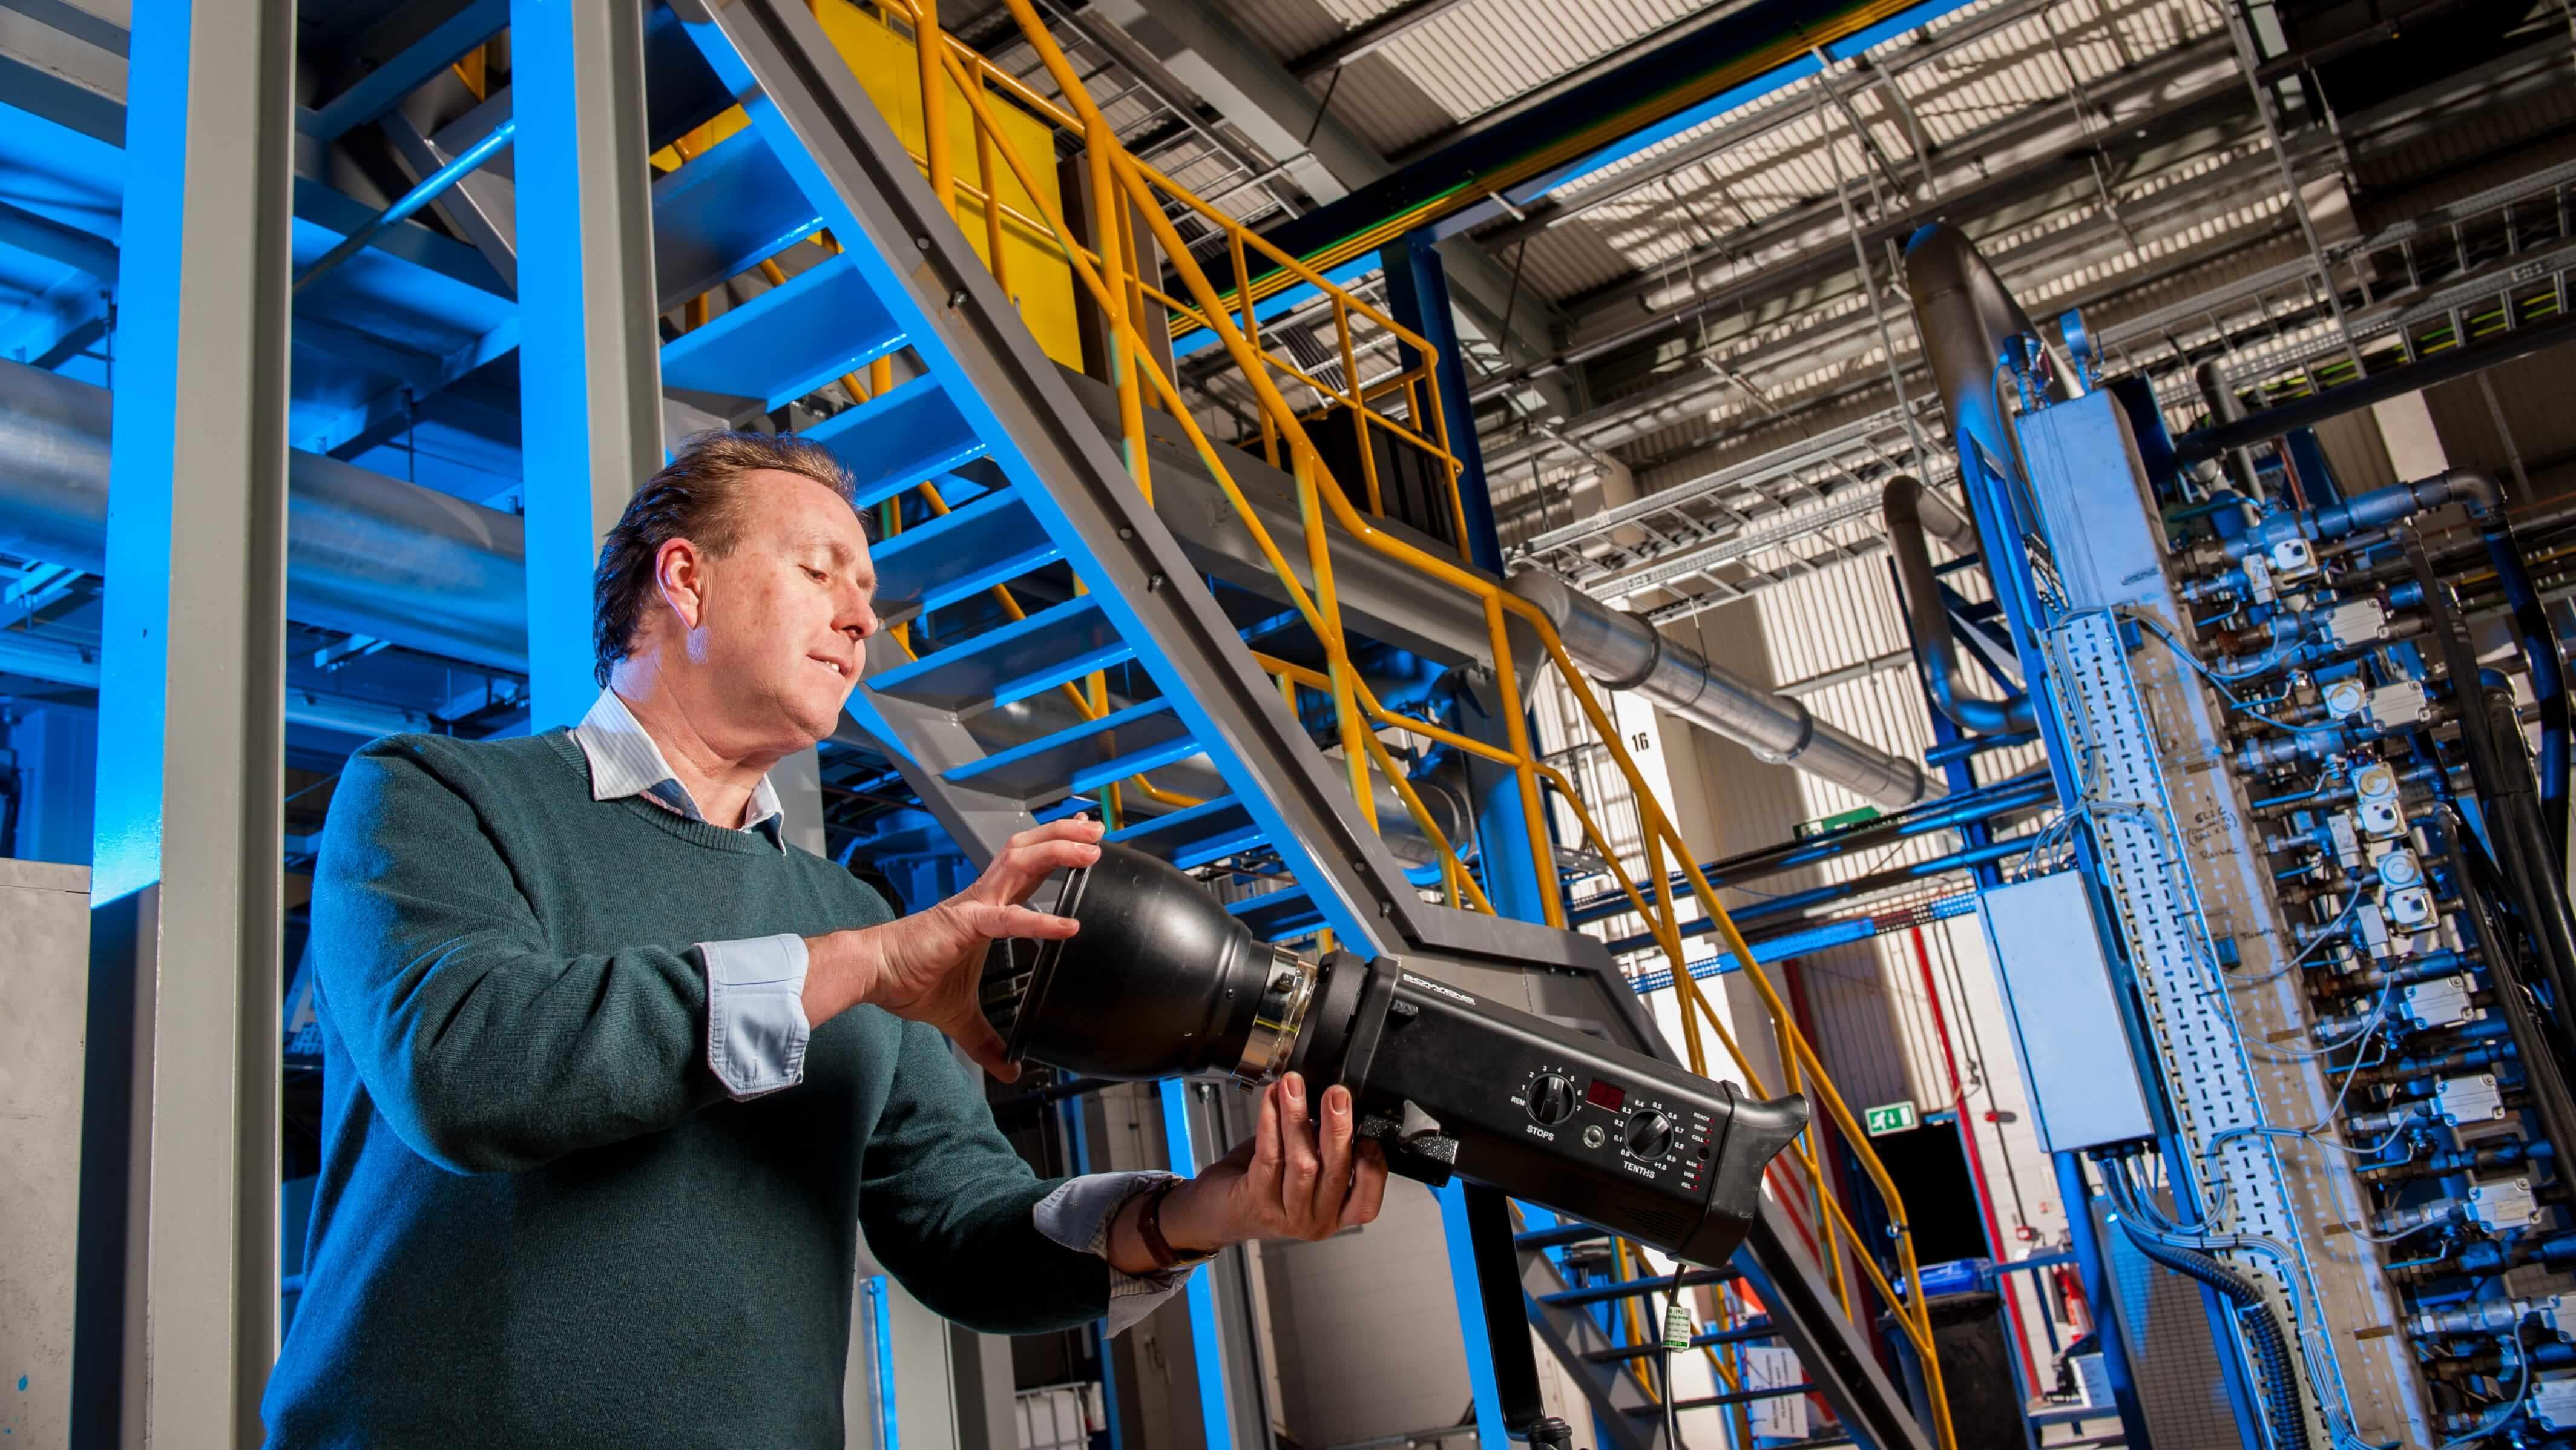 Adrian Waine Provides Maximum Exposure for Manufacturers